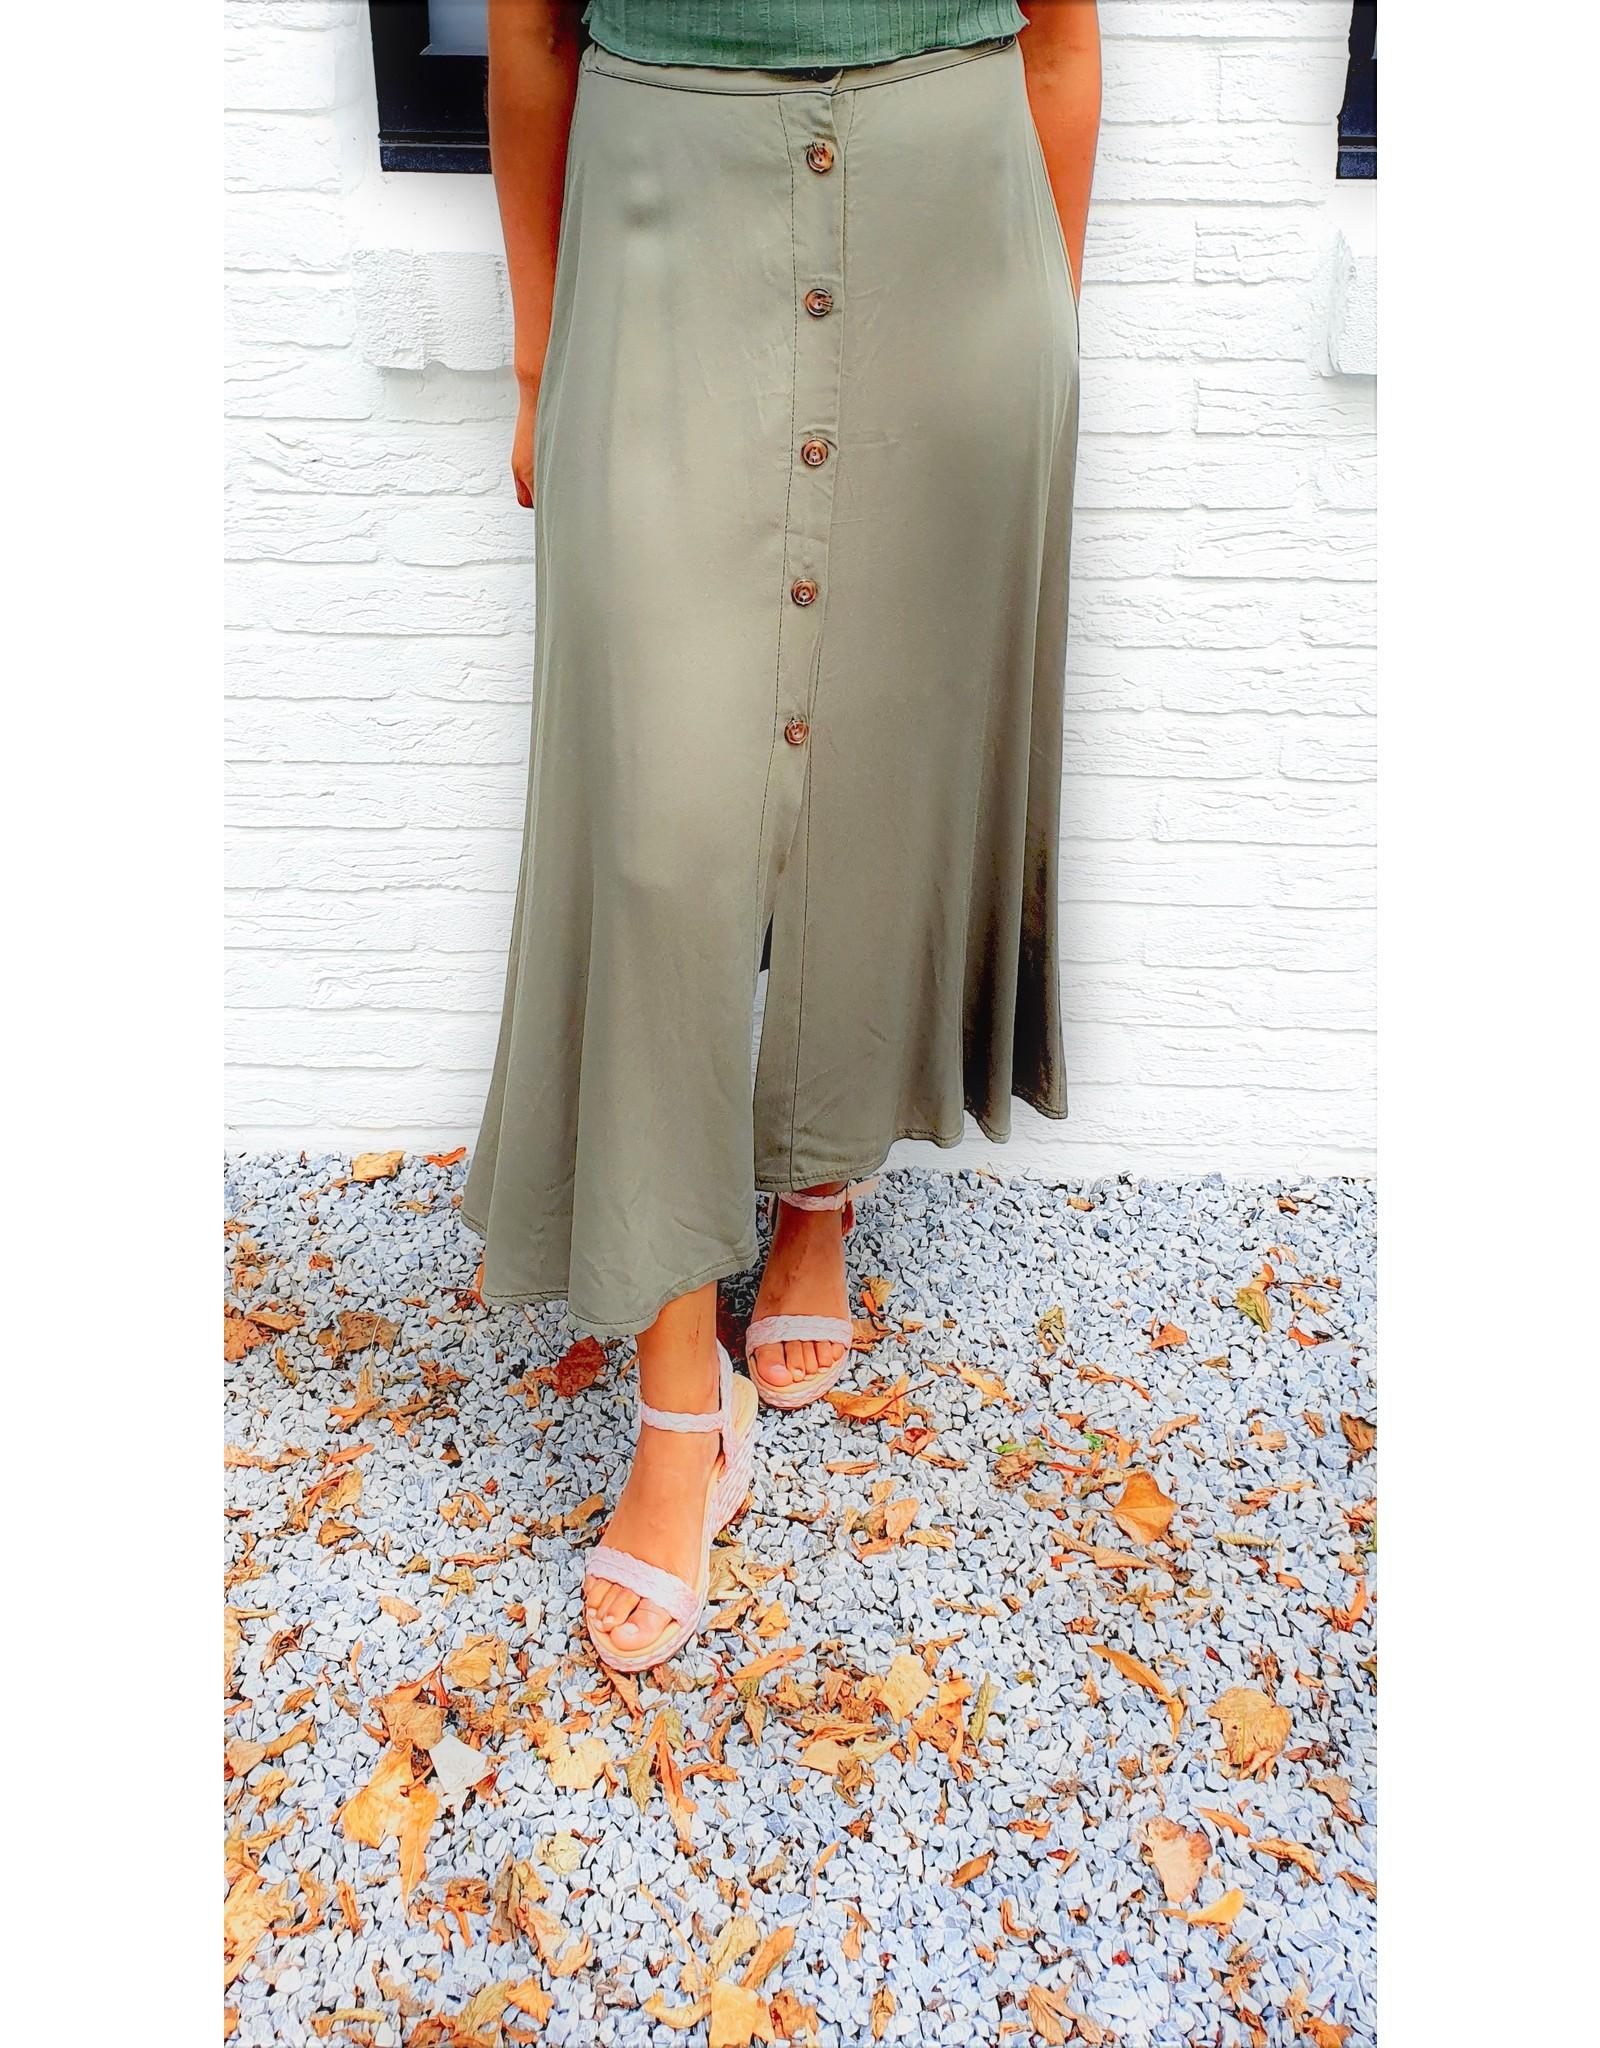 Kaki skirt